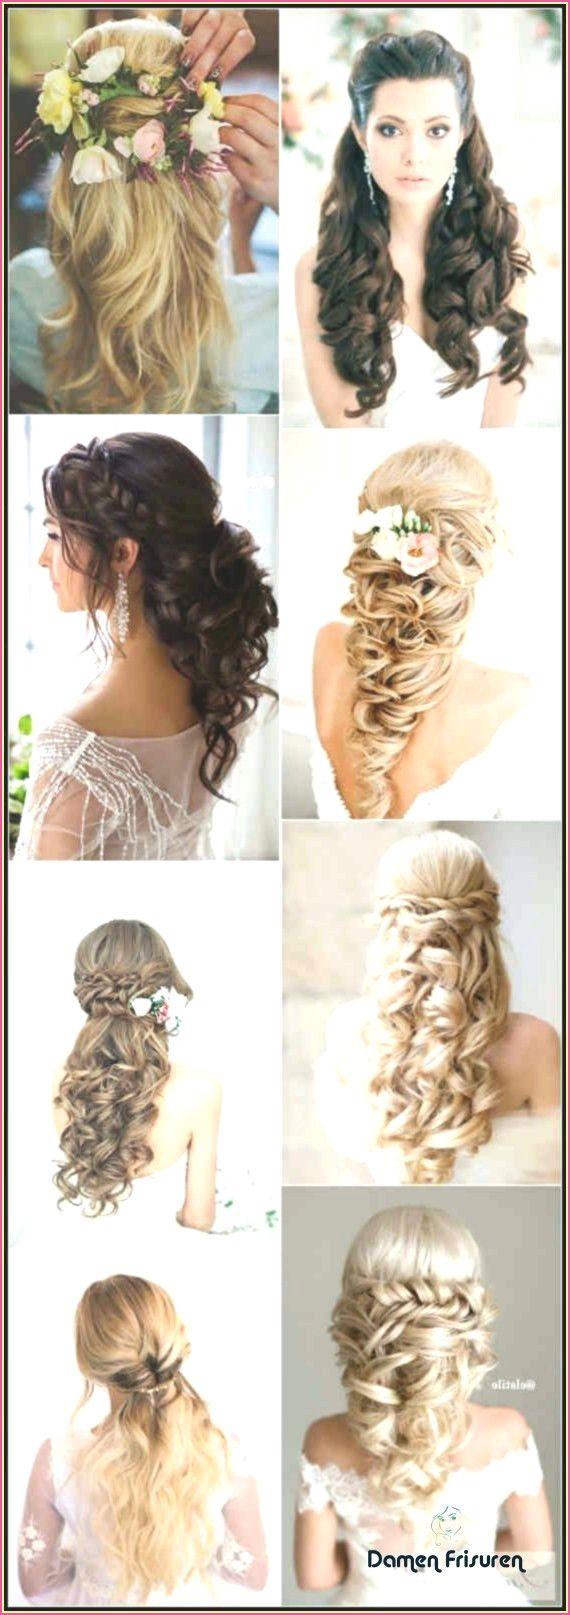 Konfirmation Frisuren Hochgesteckt Frisuren Halboffen Locken Festliche Frisuren Lange Haare Locken Frisuren Halboffen